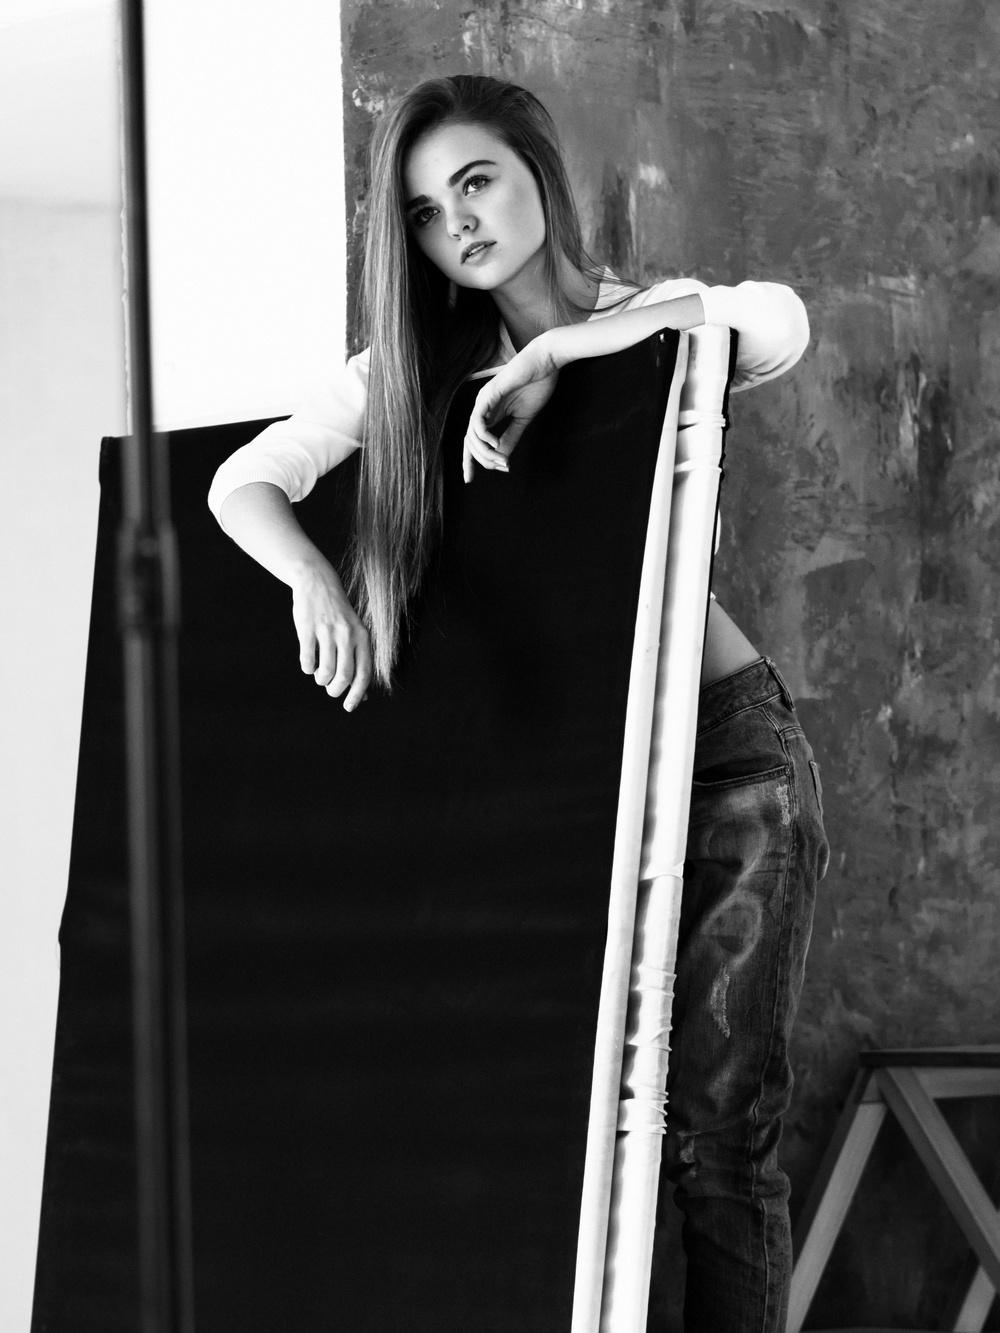 Tonya Ginevskaya